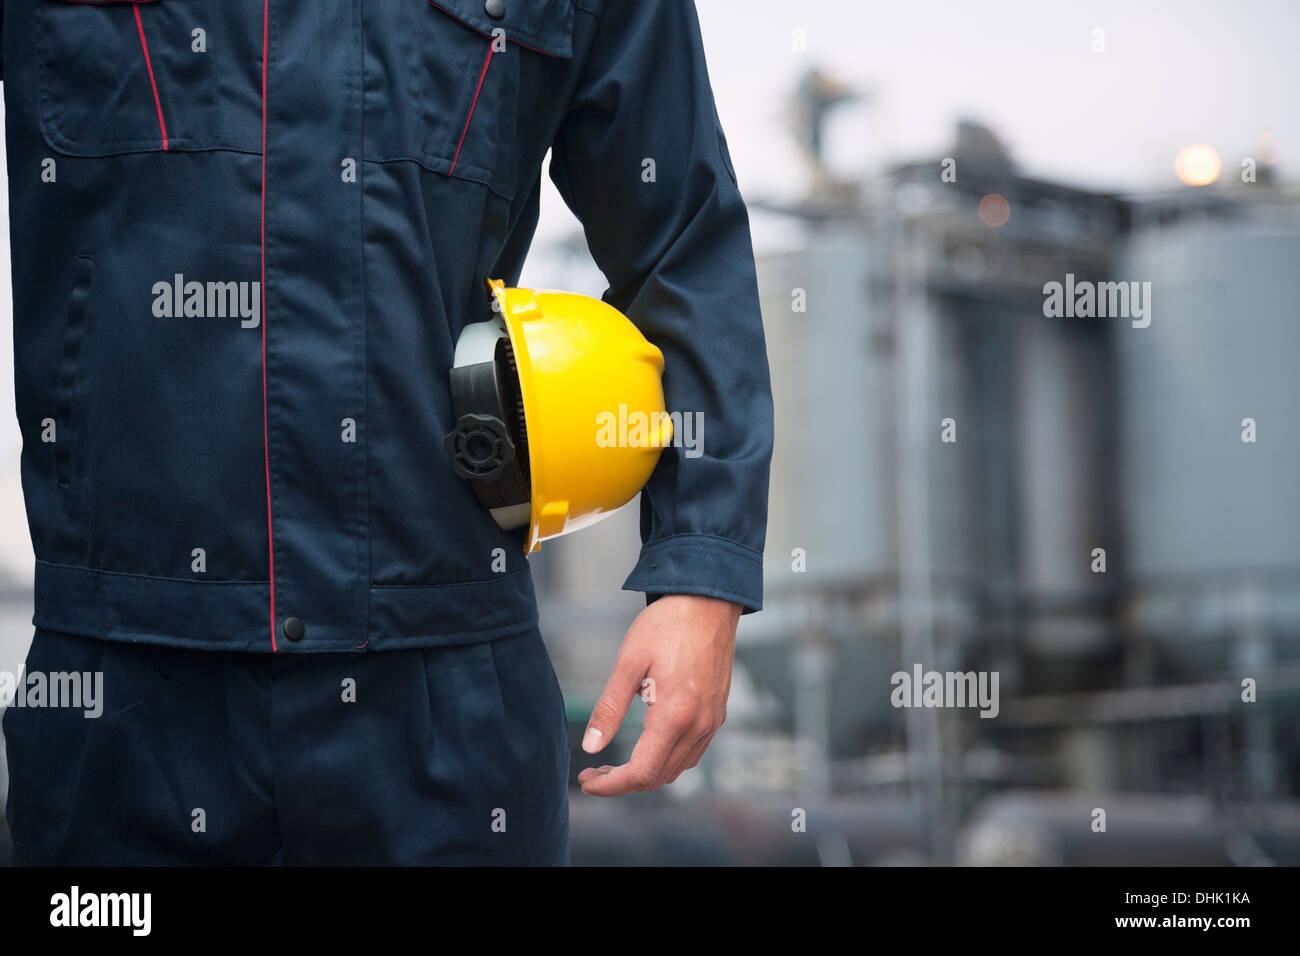 Mittelteil der junge Arbeiter, die mit einem gelben Bauarbeiterhelm im Freien mit Fabrik im Hintergrund Stockbild